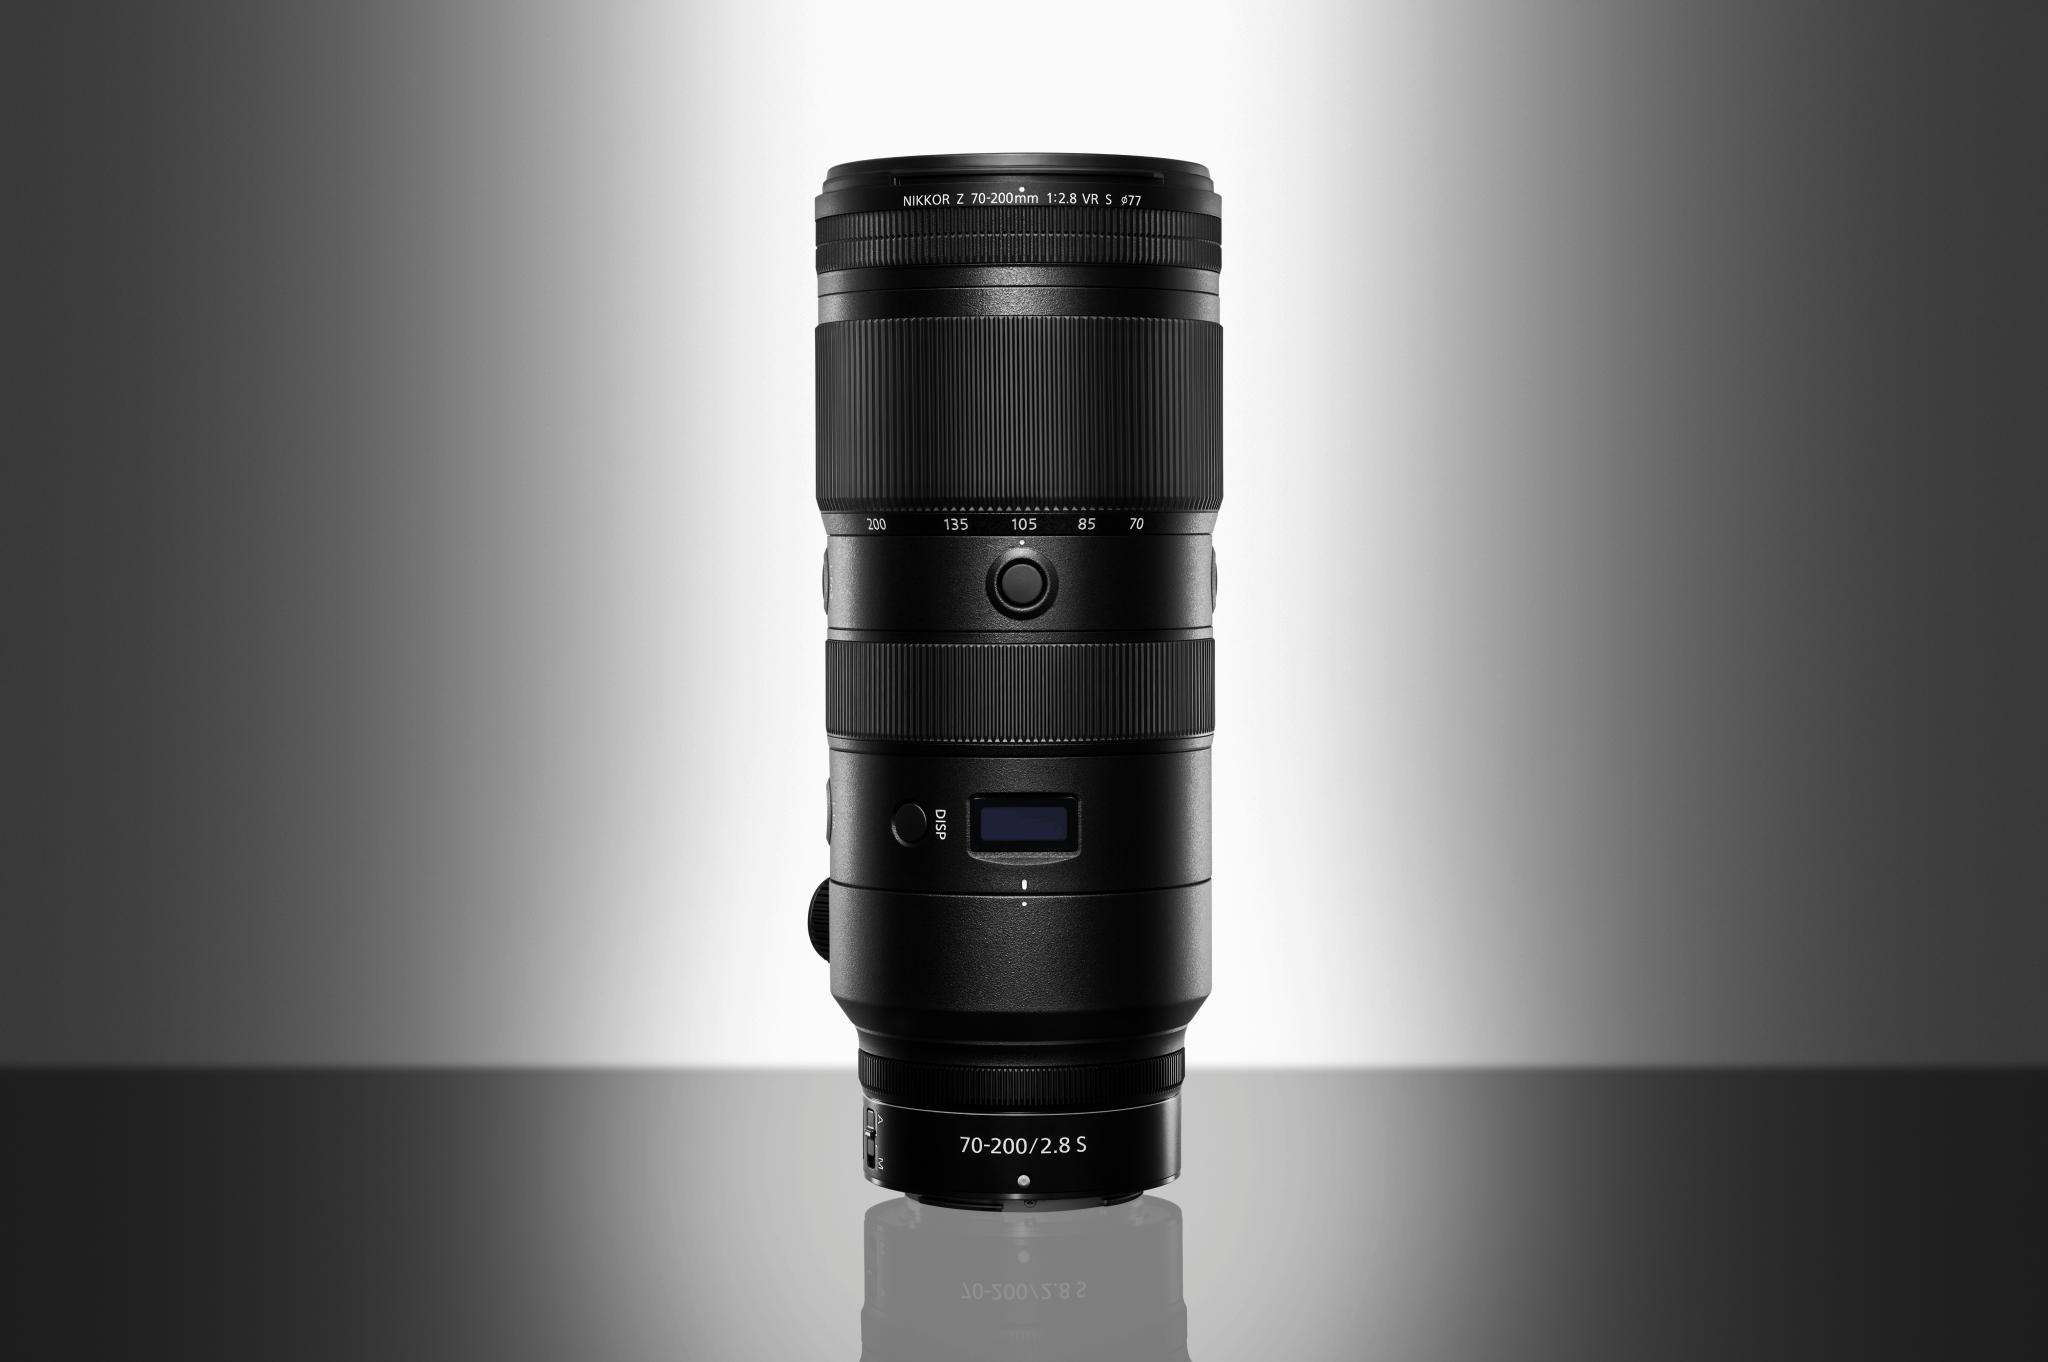 Nikkor Z70 - 200 / 2.8 S